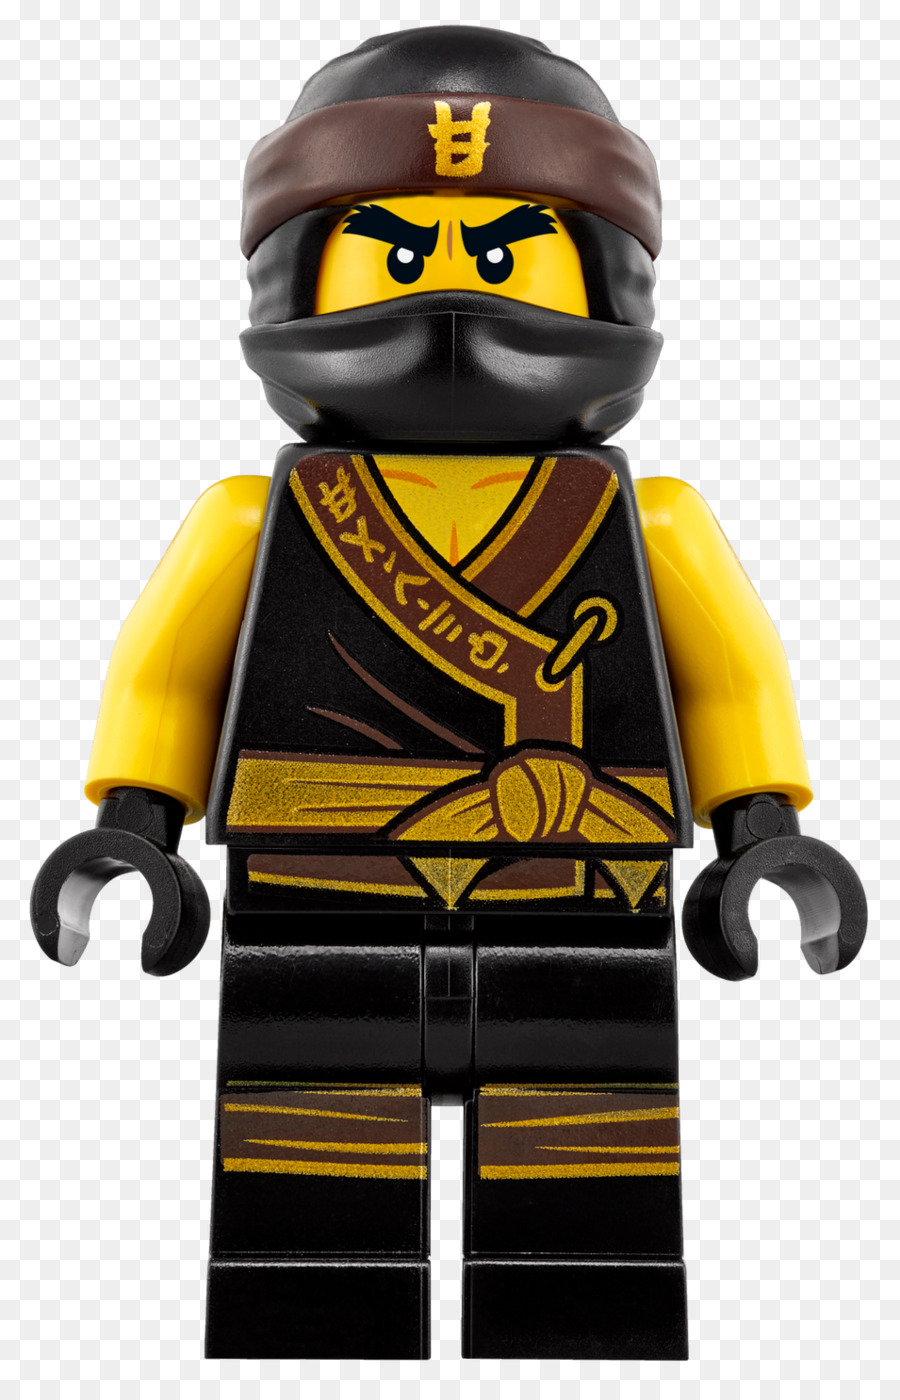 Lego Battles: Ninjago Lloyd Garmadon Lego Ninjago Lego minifigure ...